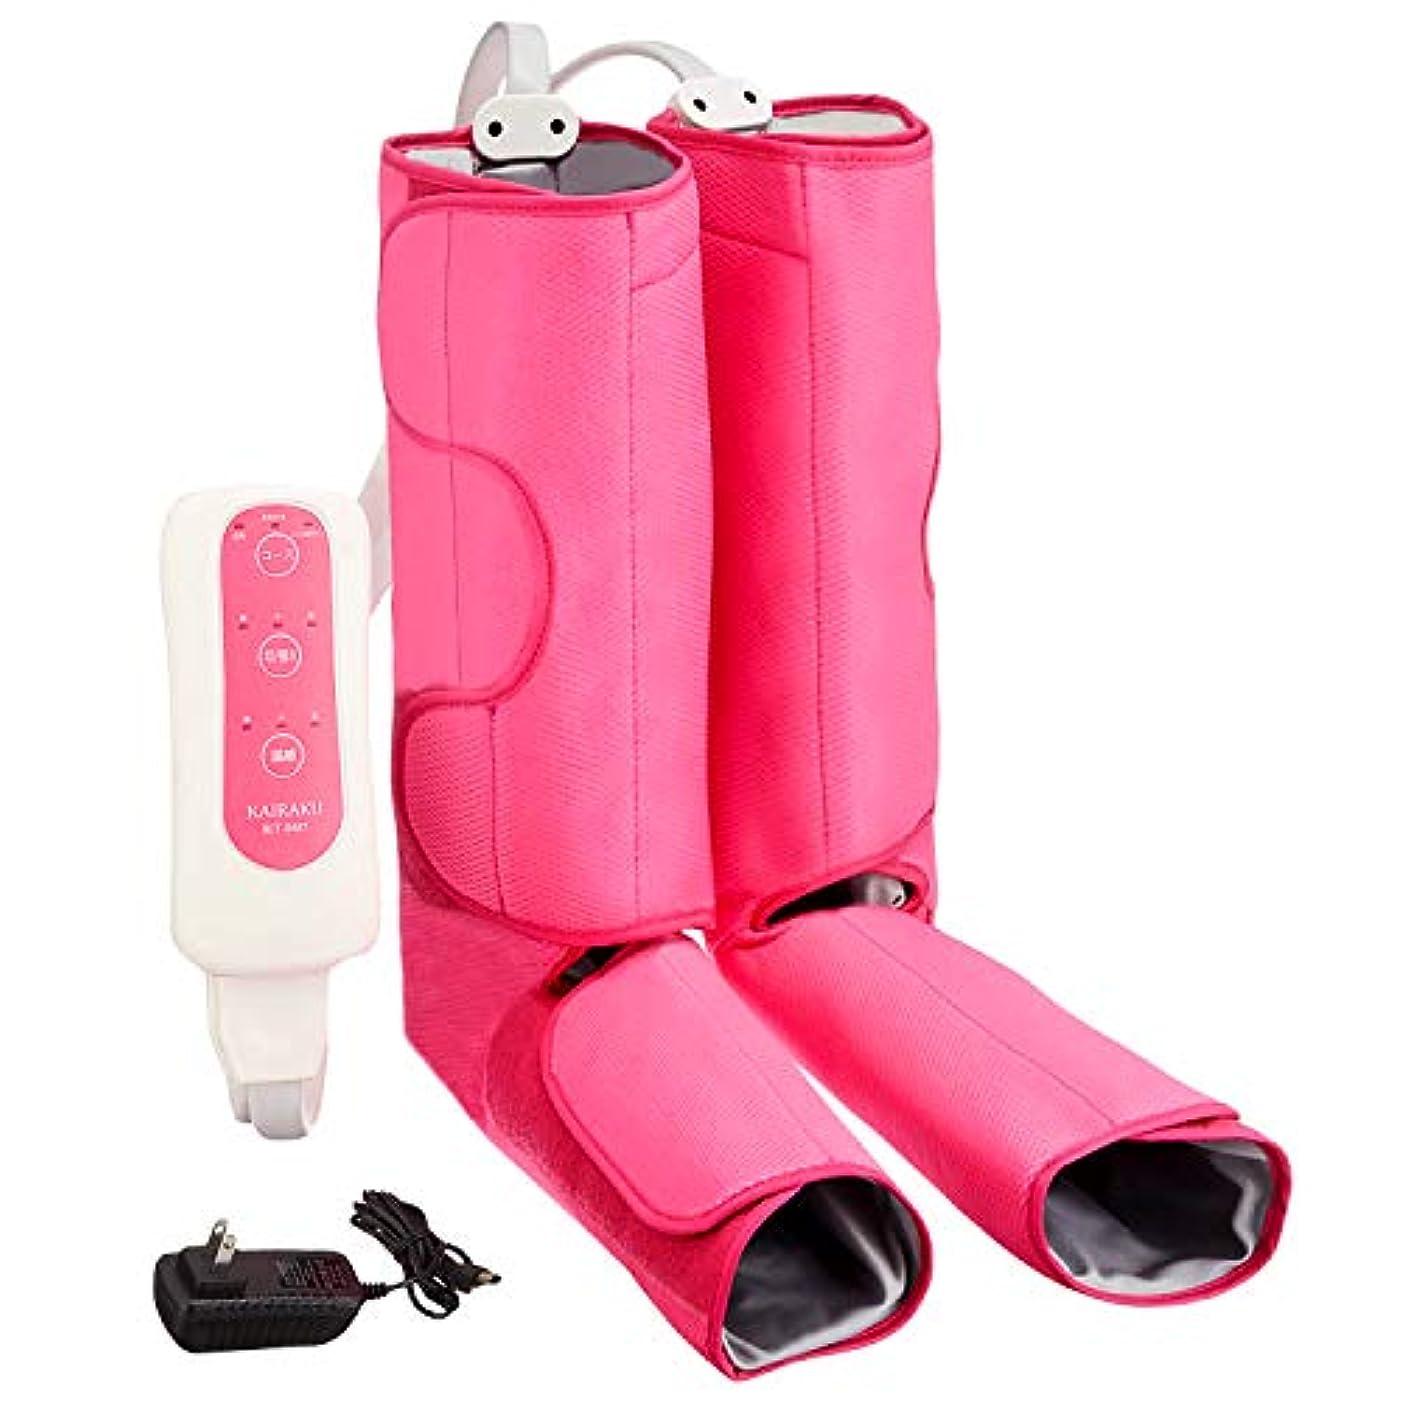 着実に器用区別するエアーマッサージャー  3つのマッサージコースを 温感機能搭載フット循環血行促進マッサージ マッサージフットケア 空気圧縮 疲労回復 筋肉痛の痛みの緩解 家庭用